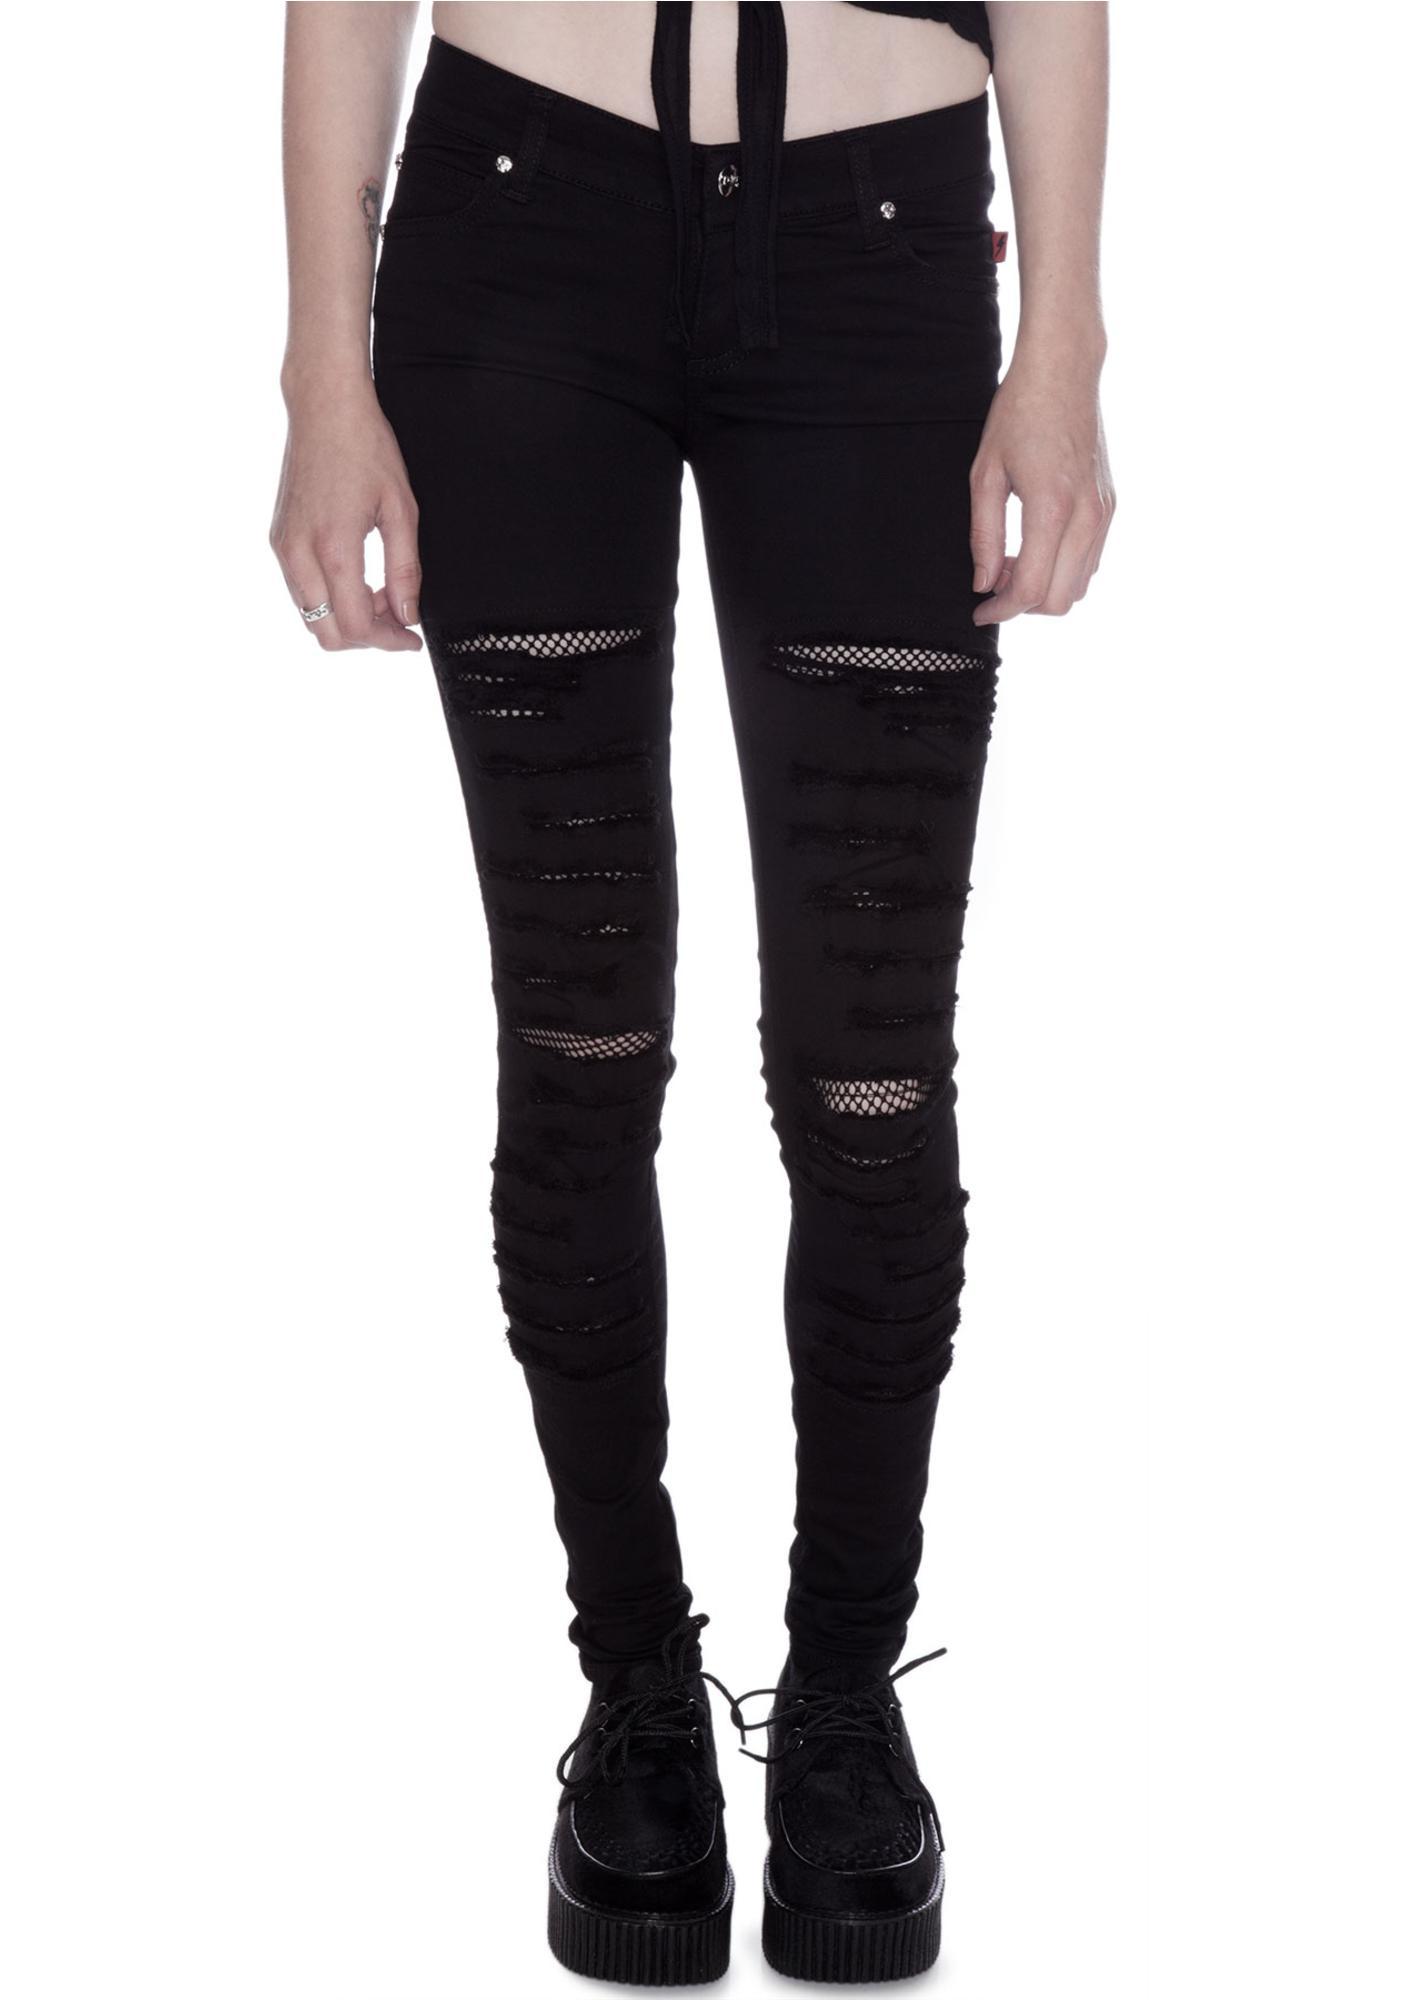 Tripp NYC Tear It Up Fishnet Jeans